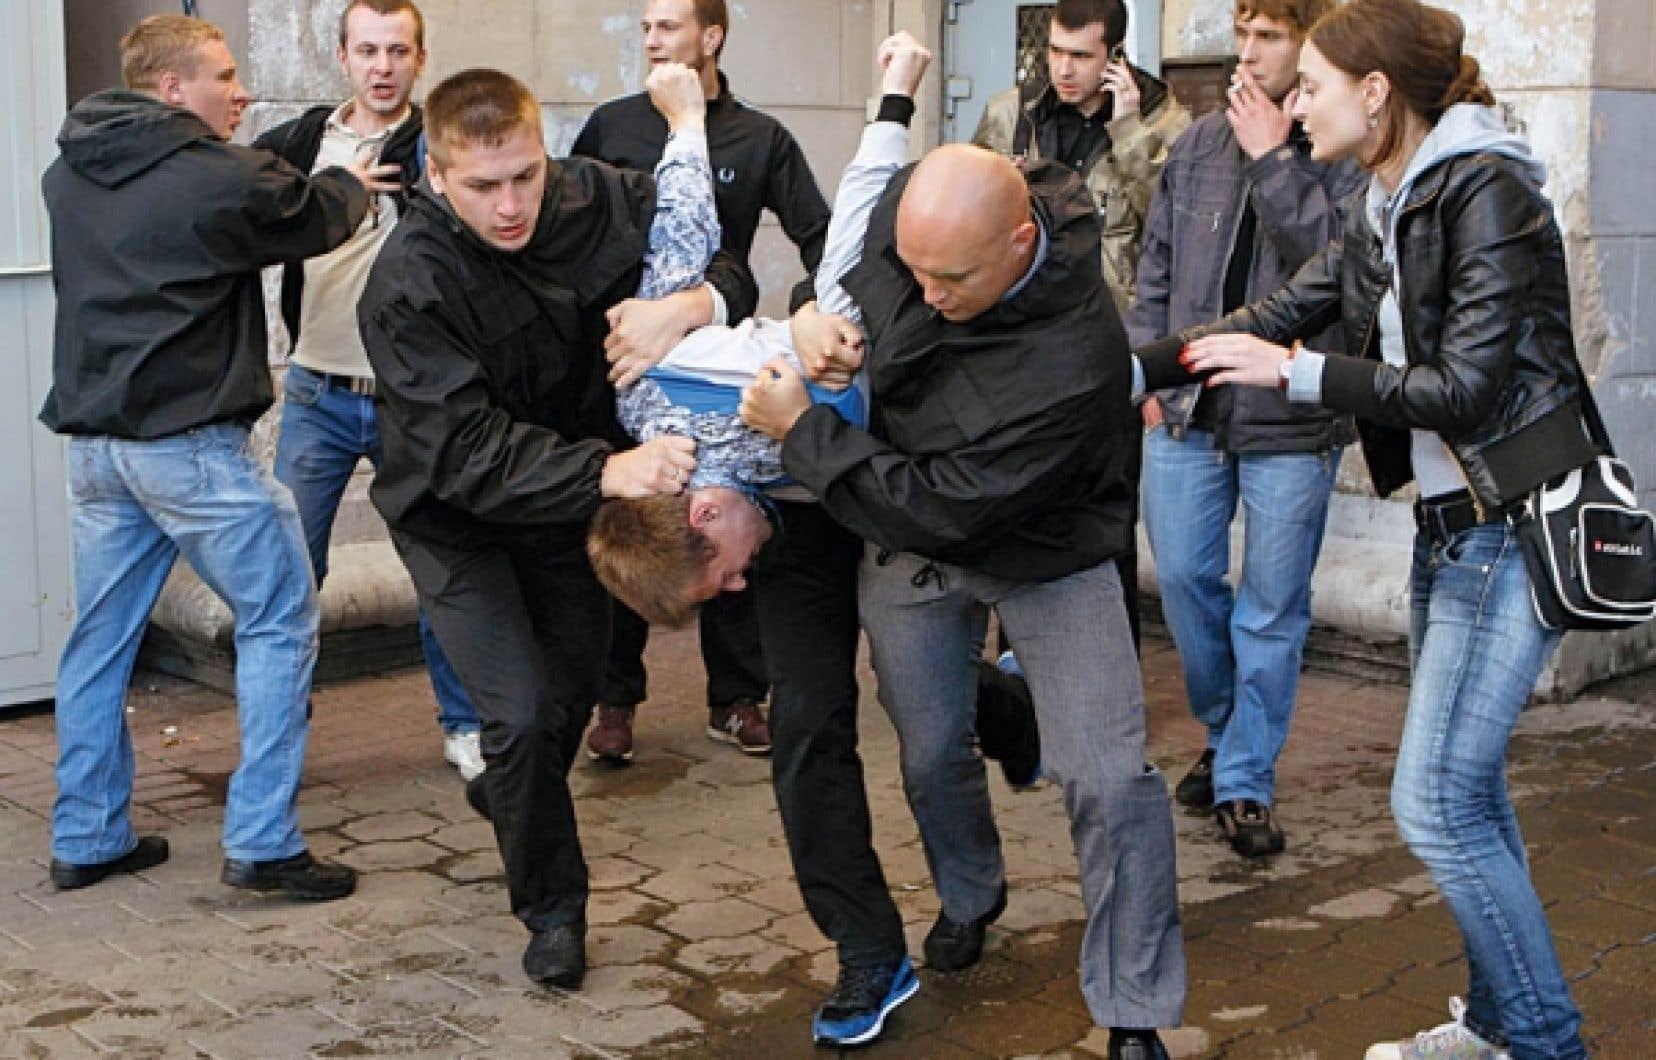 Les protestataires ont répondu à un appel lancé plus tôt sur des réseaux sociaux, qui consistait, pour cette journée anniversaire, à se rassembler et à applaudir à l'unisson, pour symboliser le mécontentement face au régime de Loukachenko.